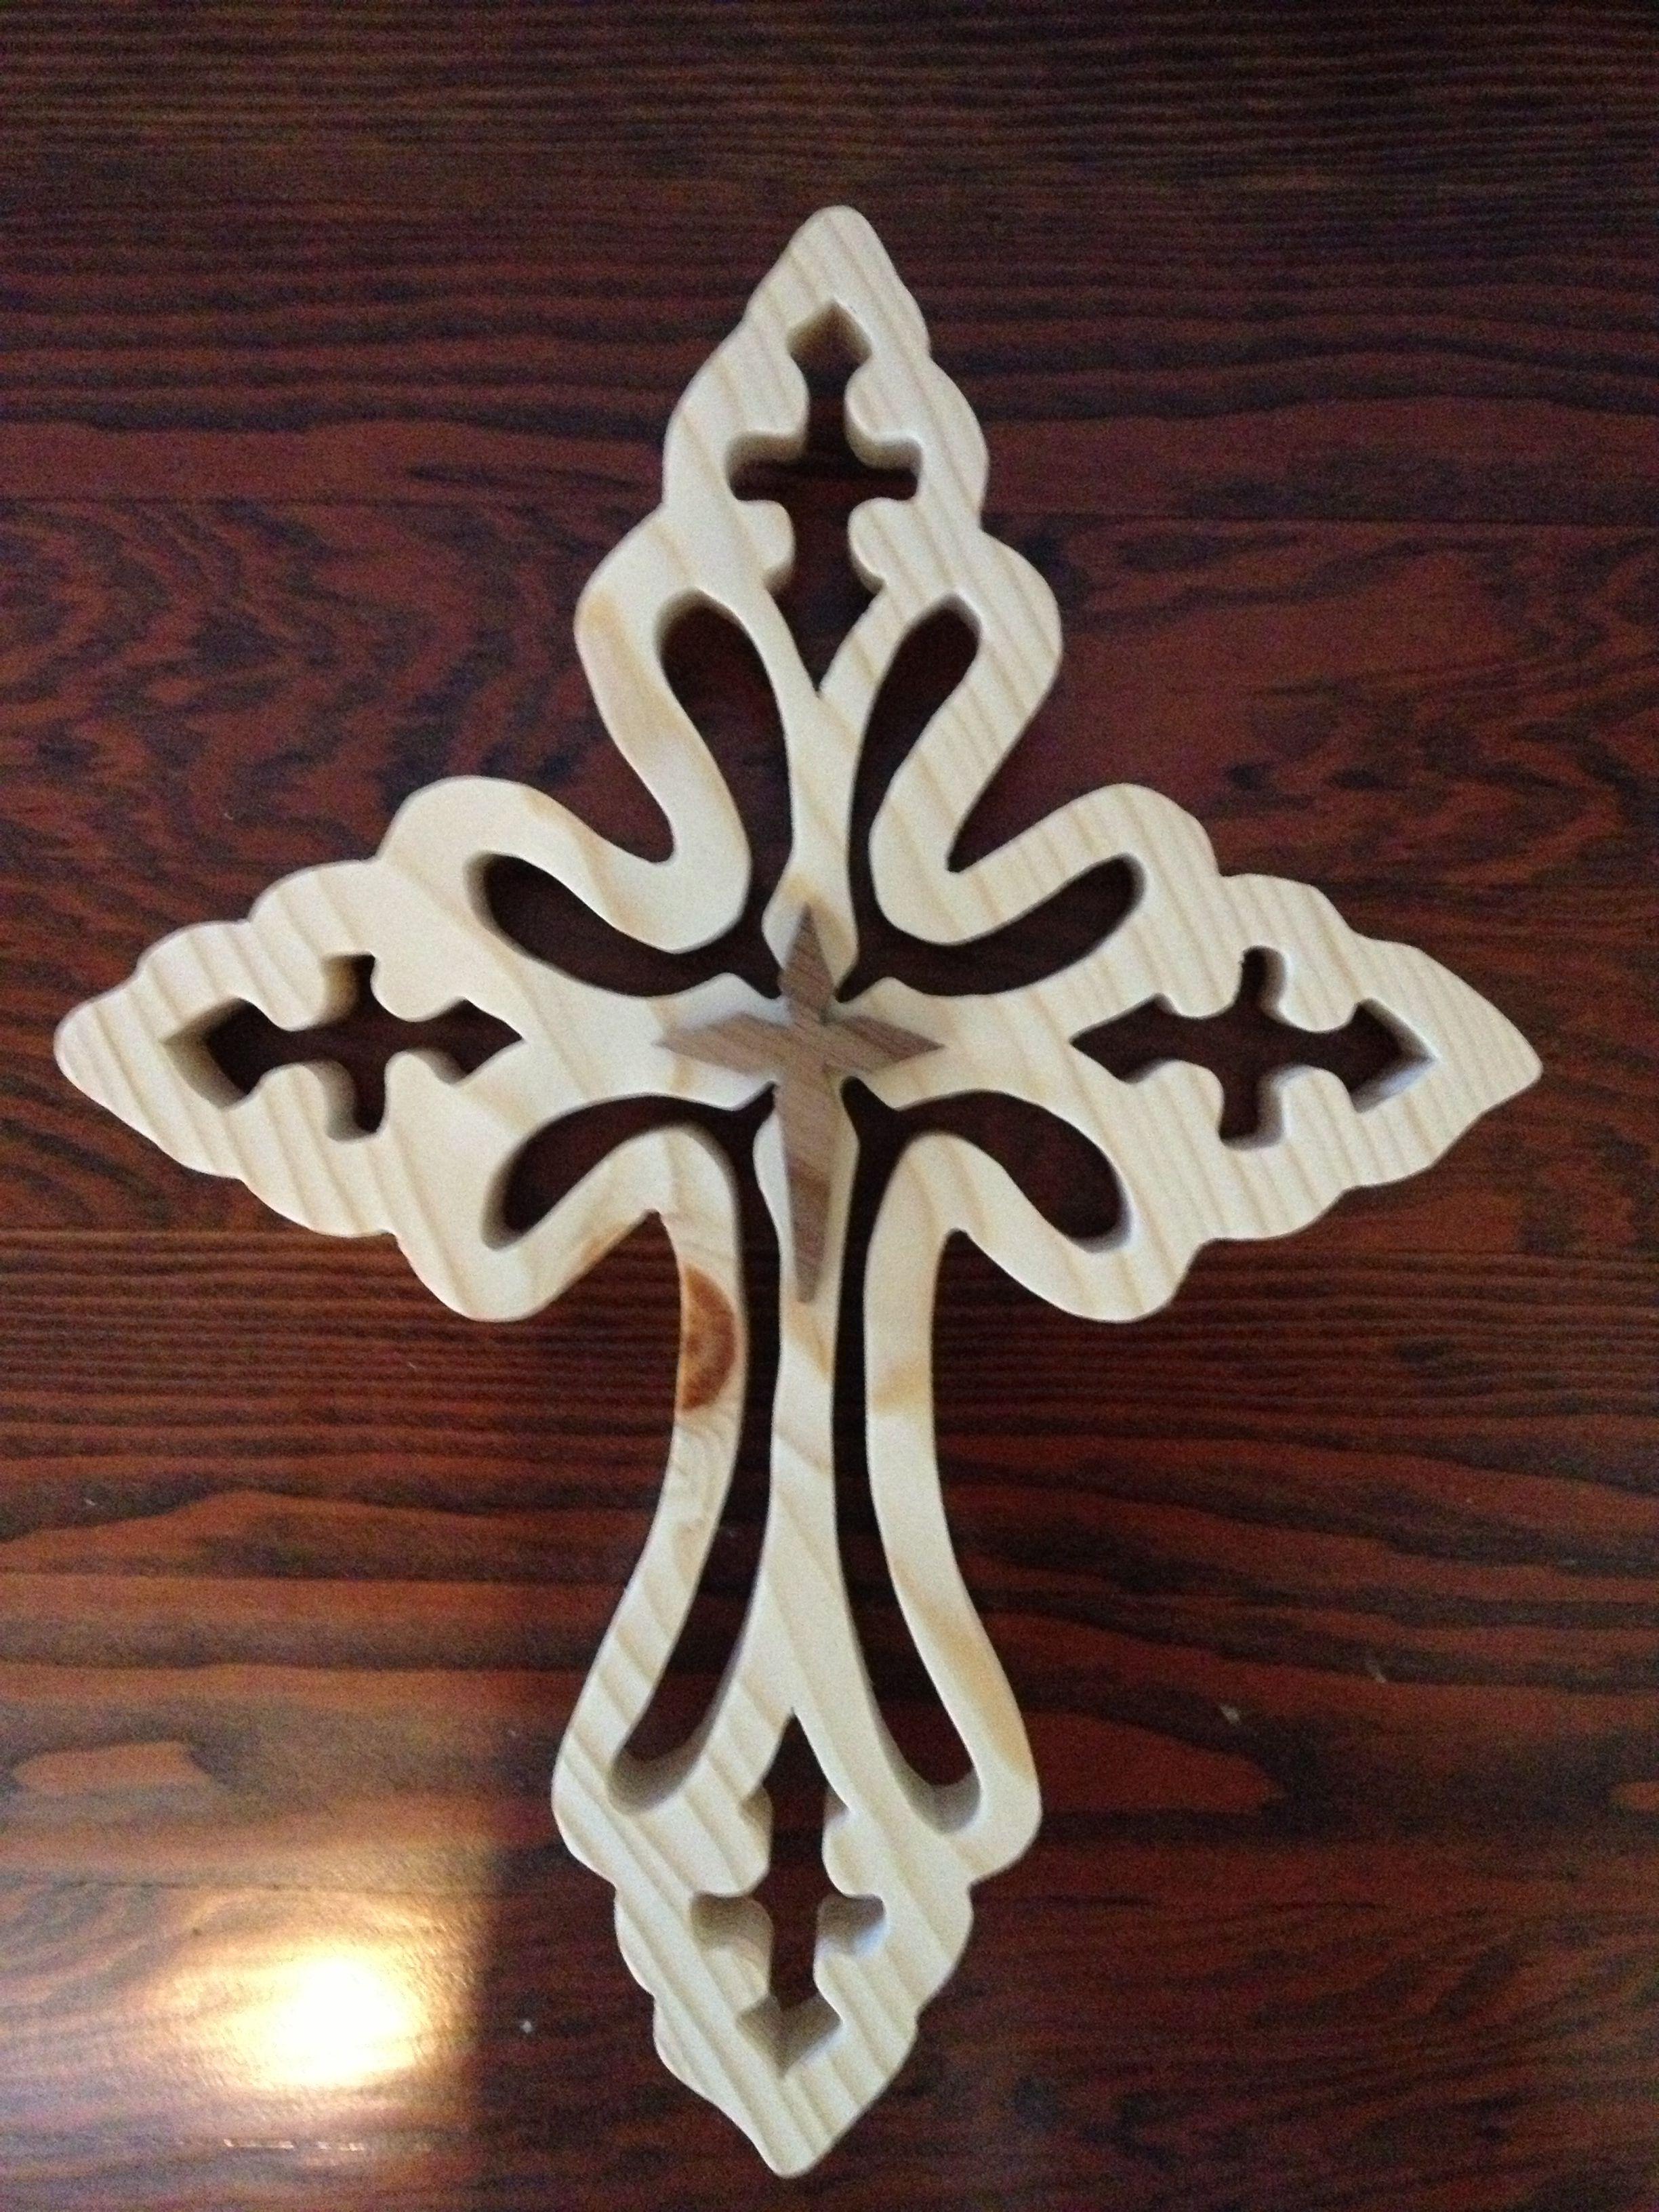 Decorative Wood Cross I Made Wood Crosses Wooden